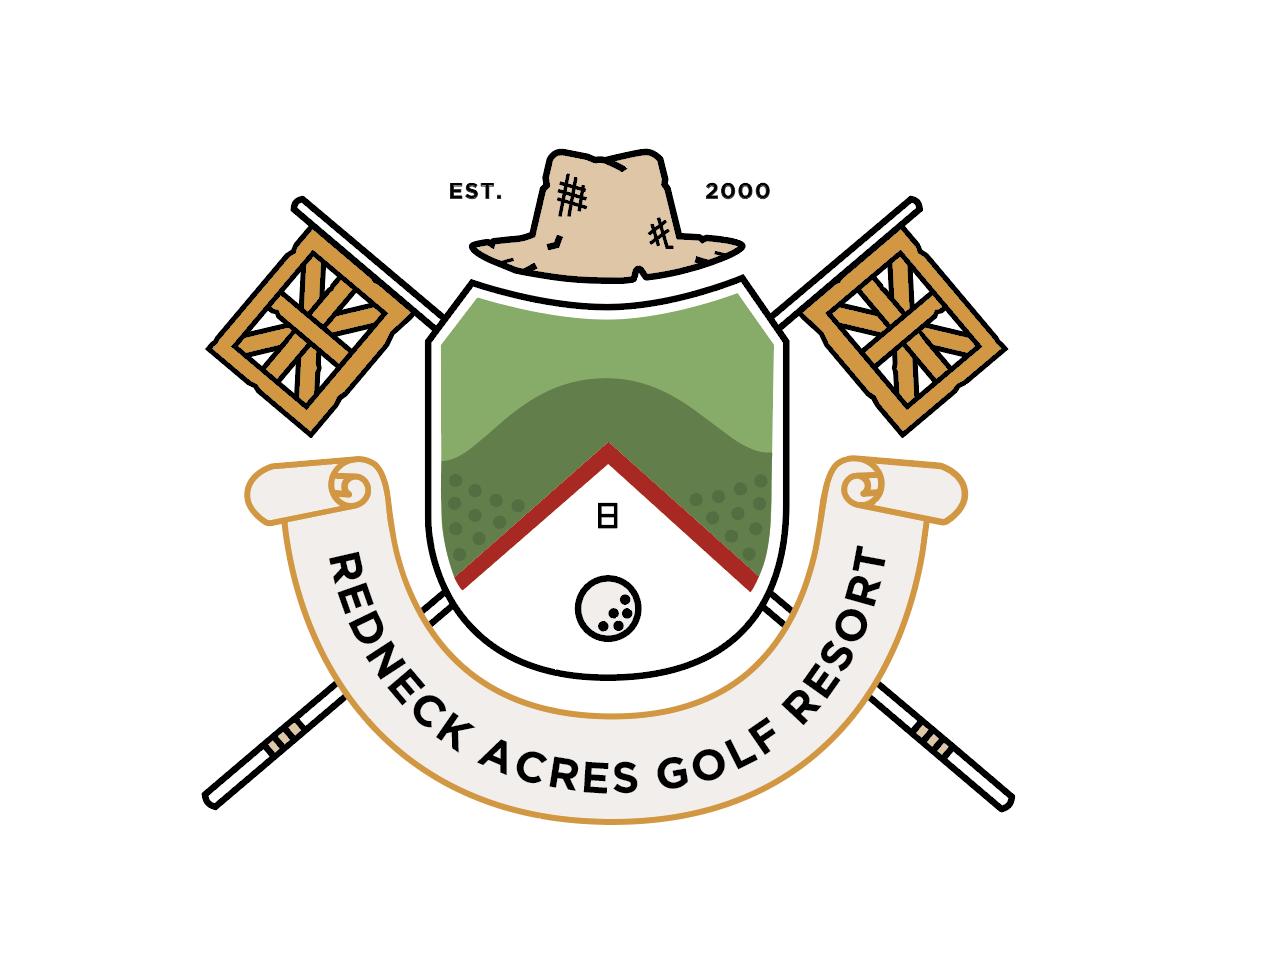 Redneck Acres illustration banner hat logo golf ball golf line flag crest